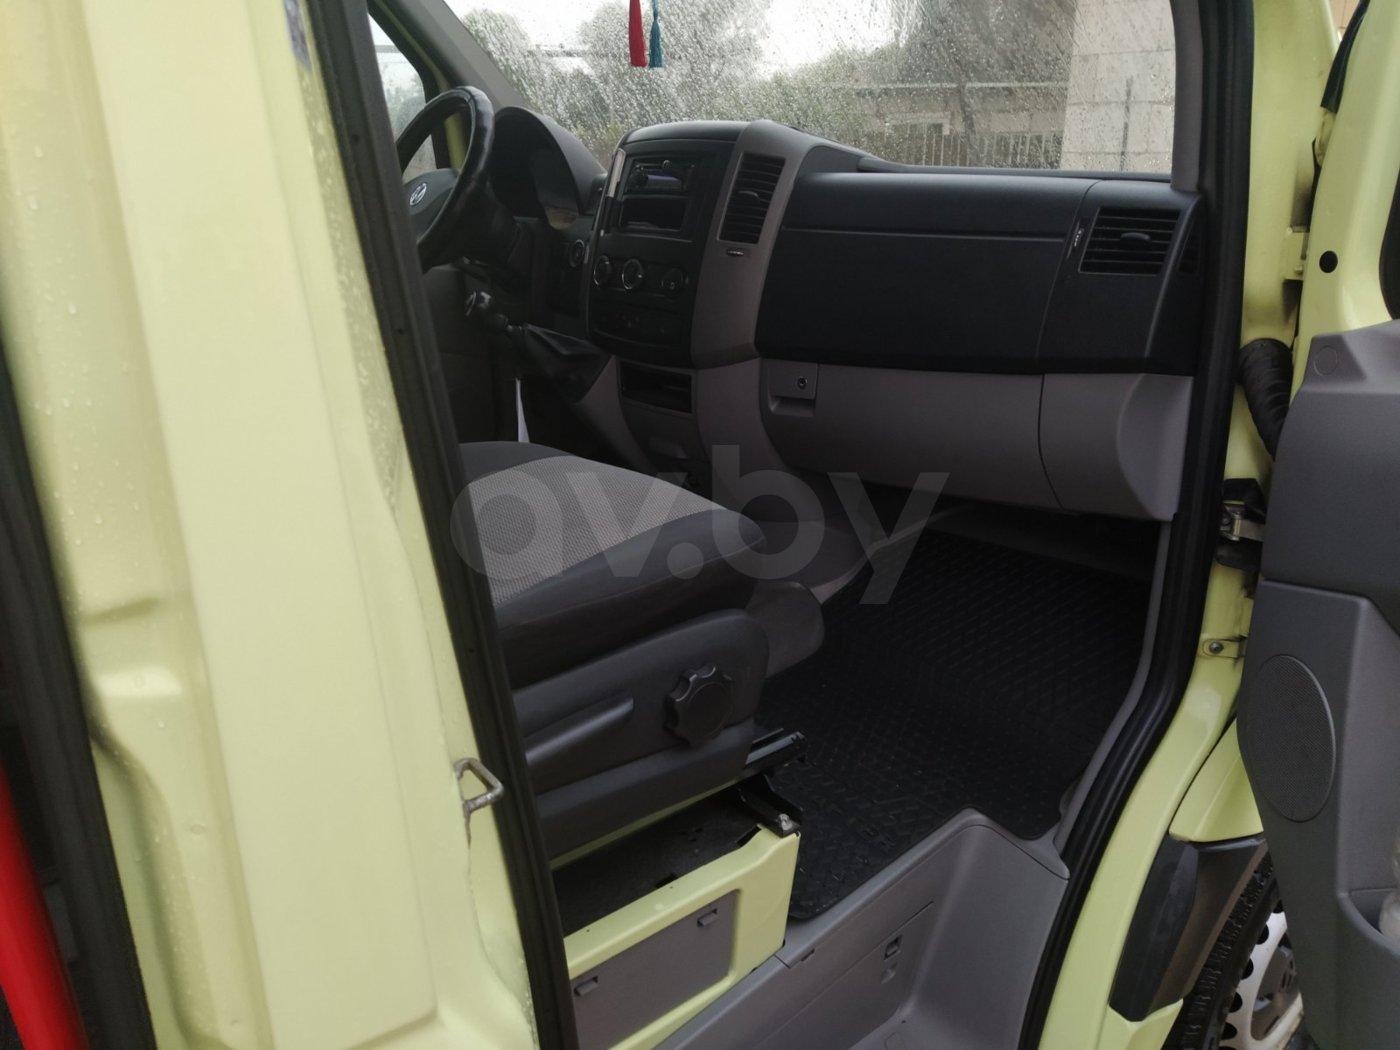 Volkswagen Crafter Декабрь12, 2012 г.